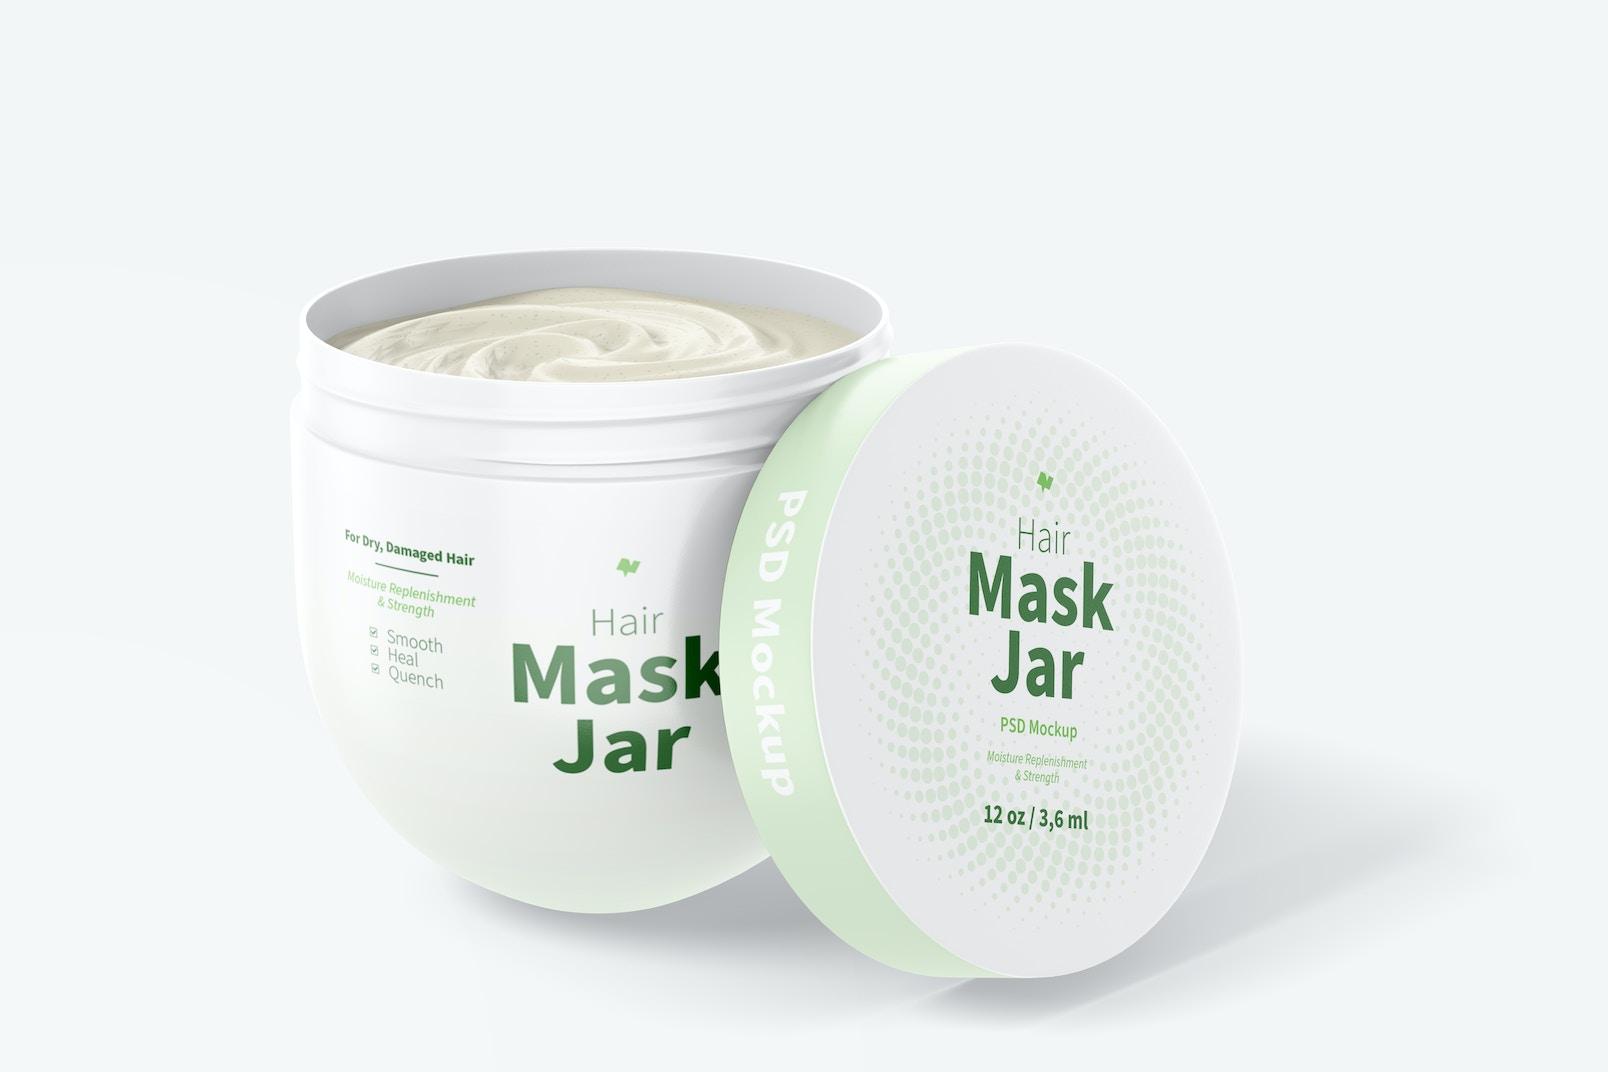 Hair Mask Jar Mockup